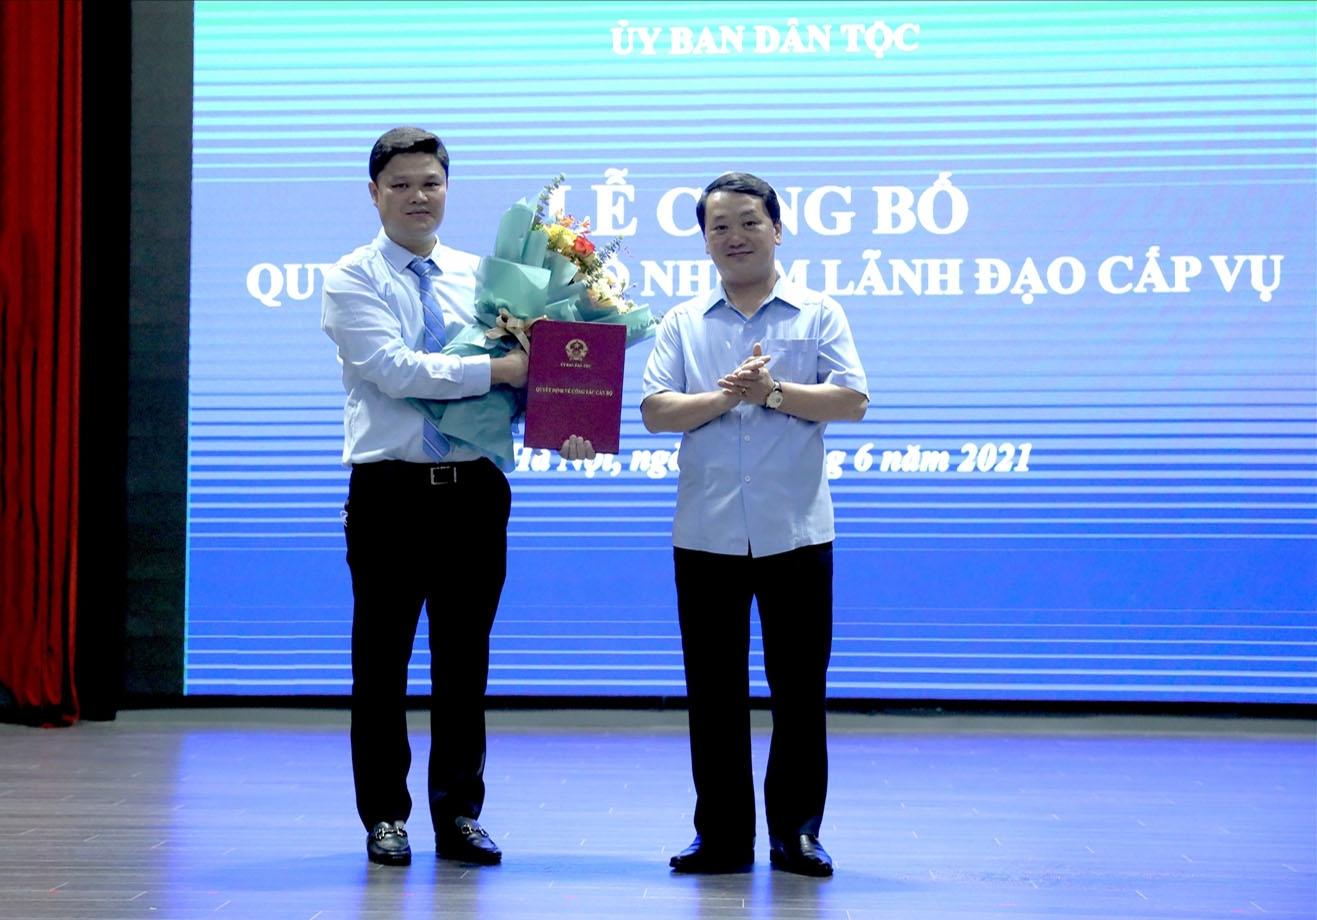 Bộ trưởng, Chủ nhiệm UBDT Hầu A Lềnh trao quyết định bổ nhiệm cho ông Bùi Quốc Thắng